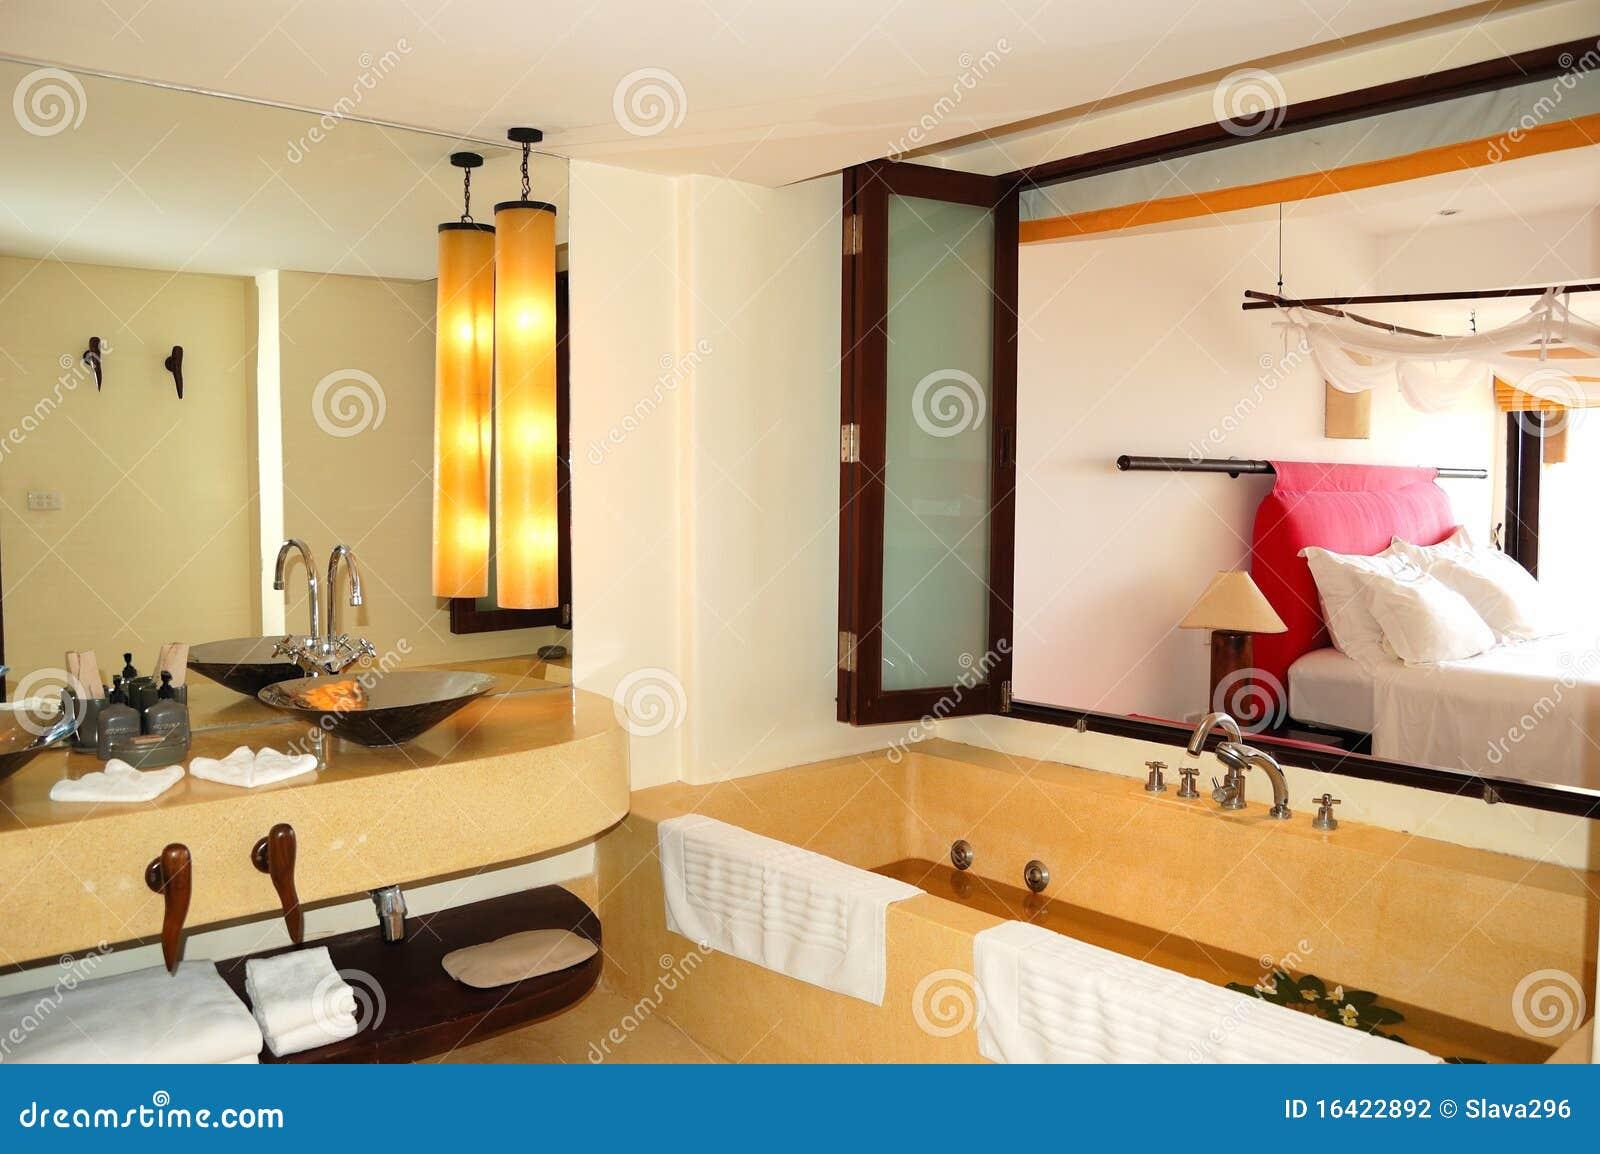 Int rieur moderne de salle de bains la villa de luxe photographie stock image 16422892 for Interieur salle de bain